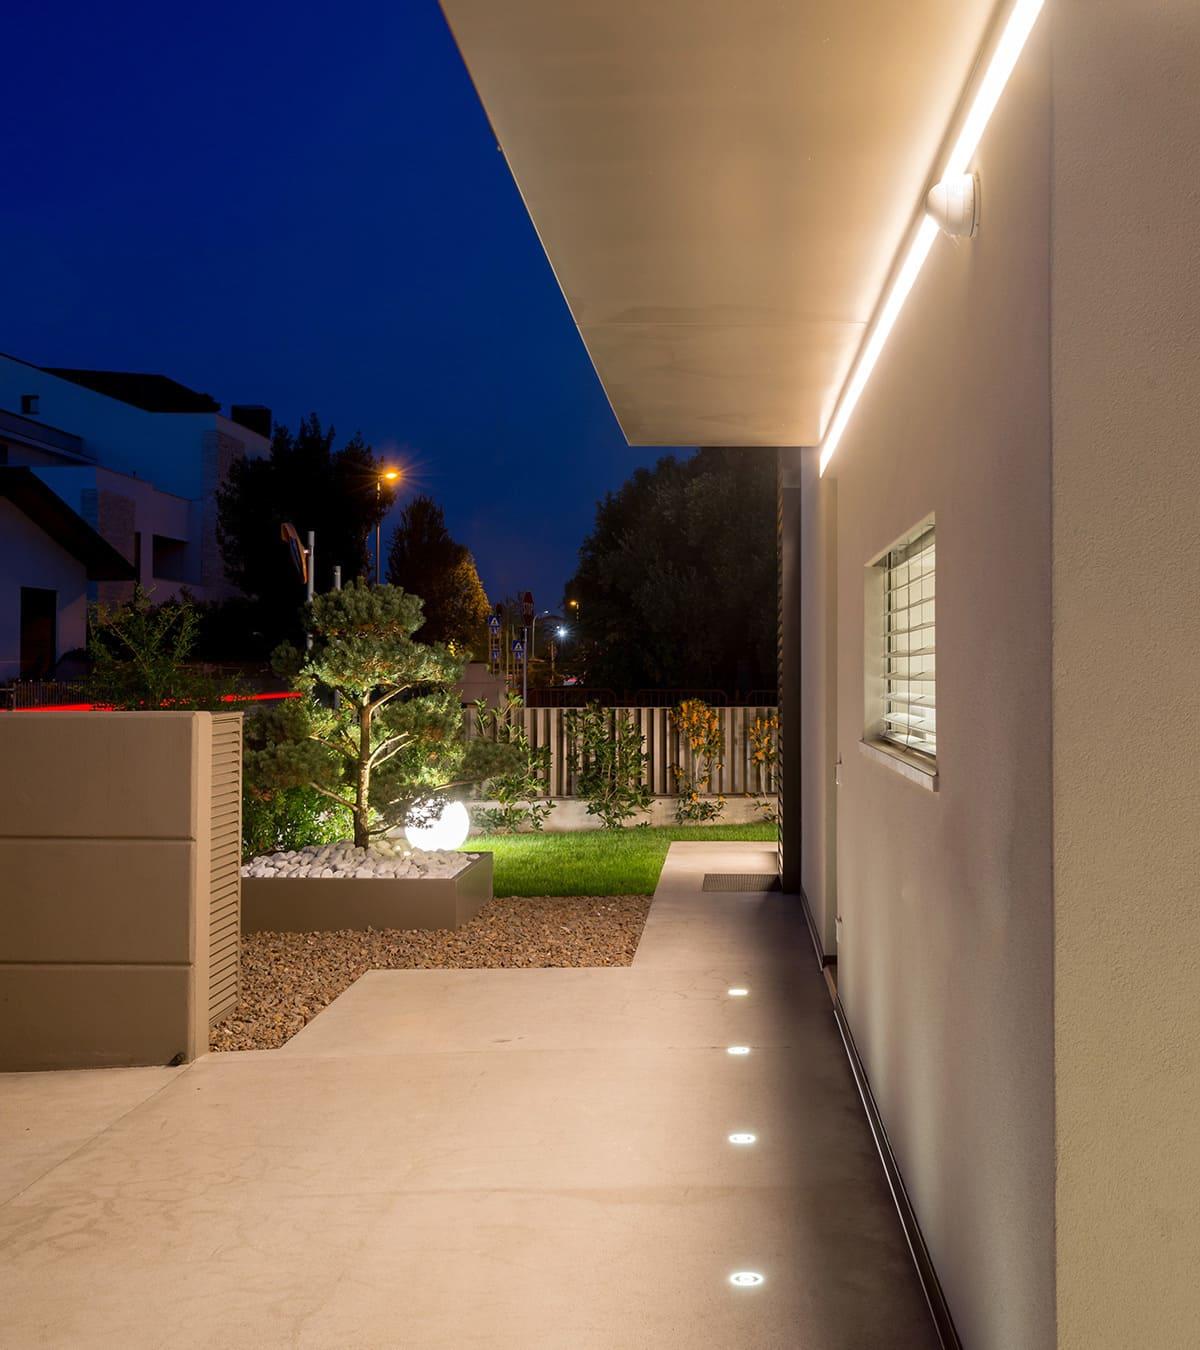 faretti per illuminazione giardino